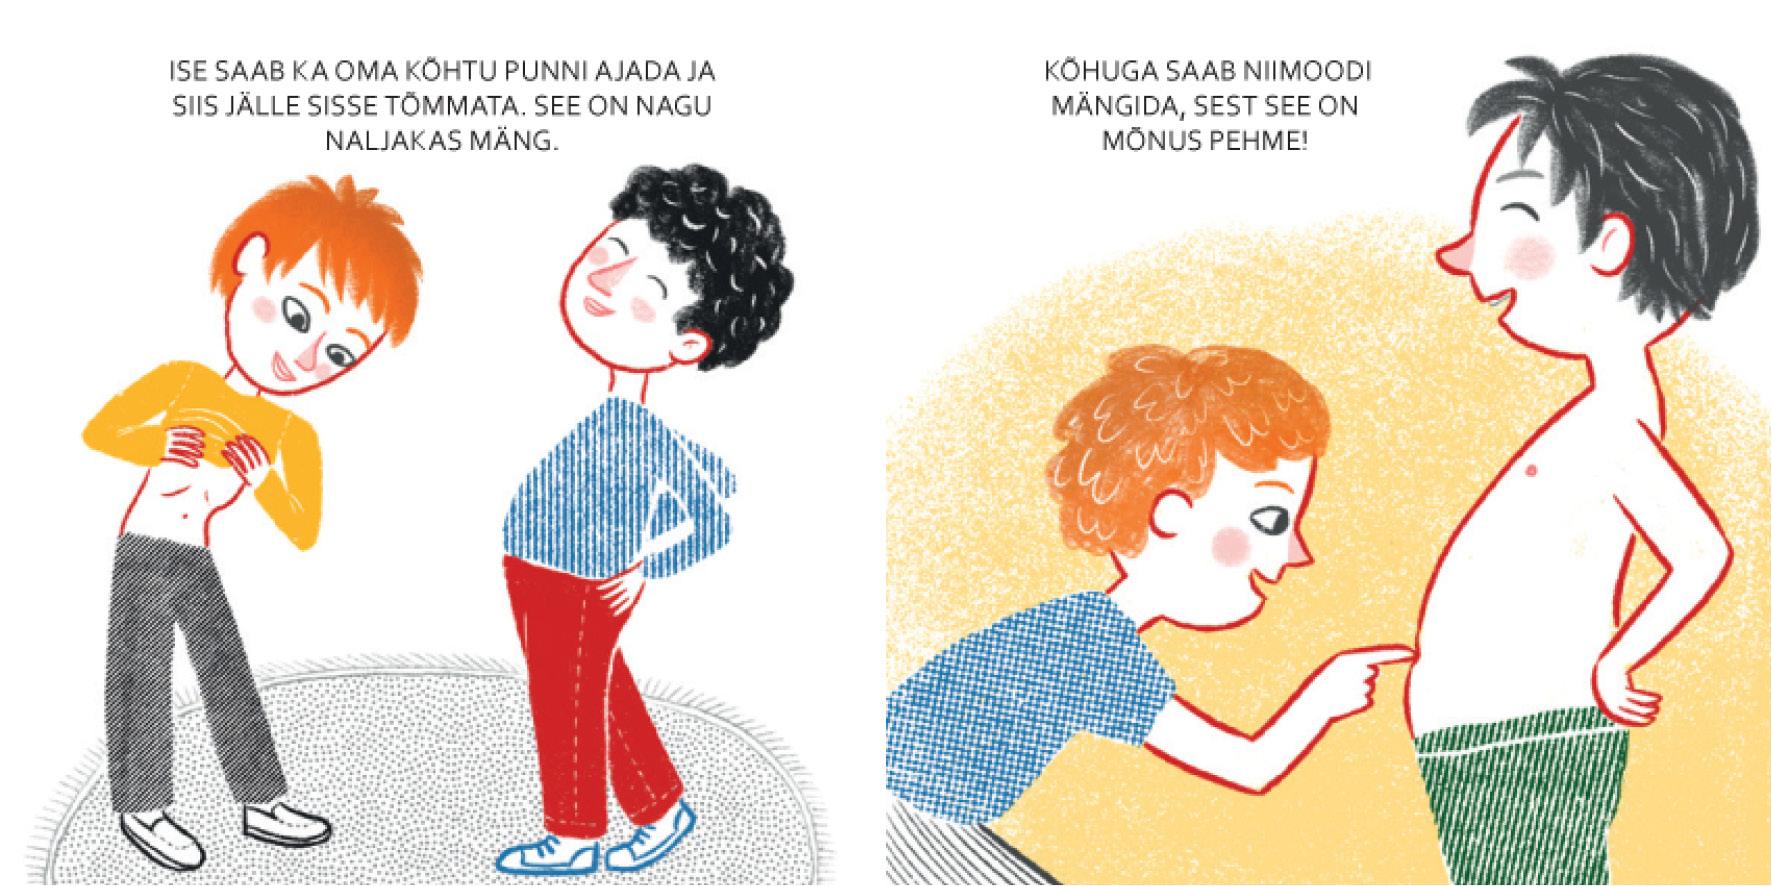 Elina Sildre raamatu, Minu kõht, illustratsioon